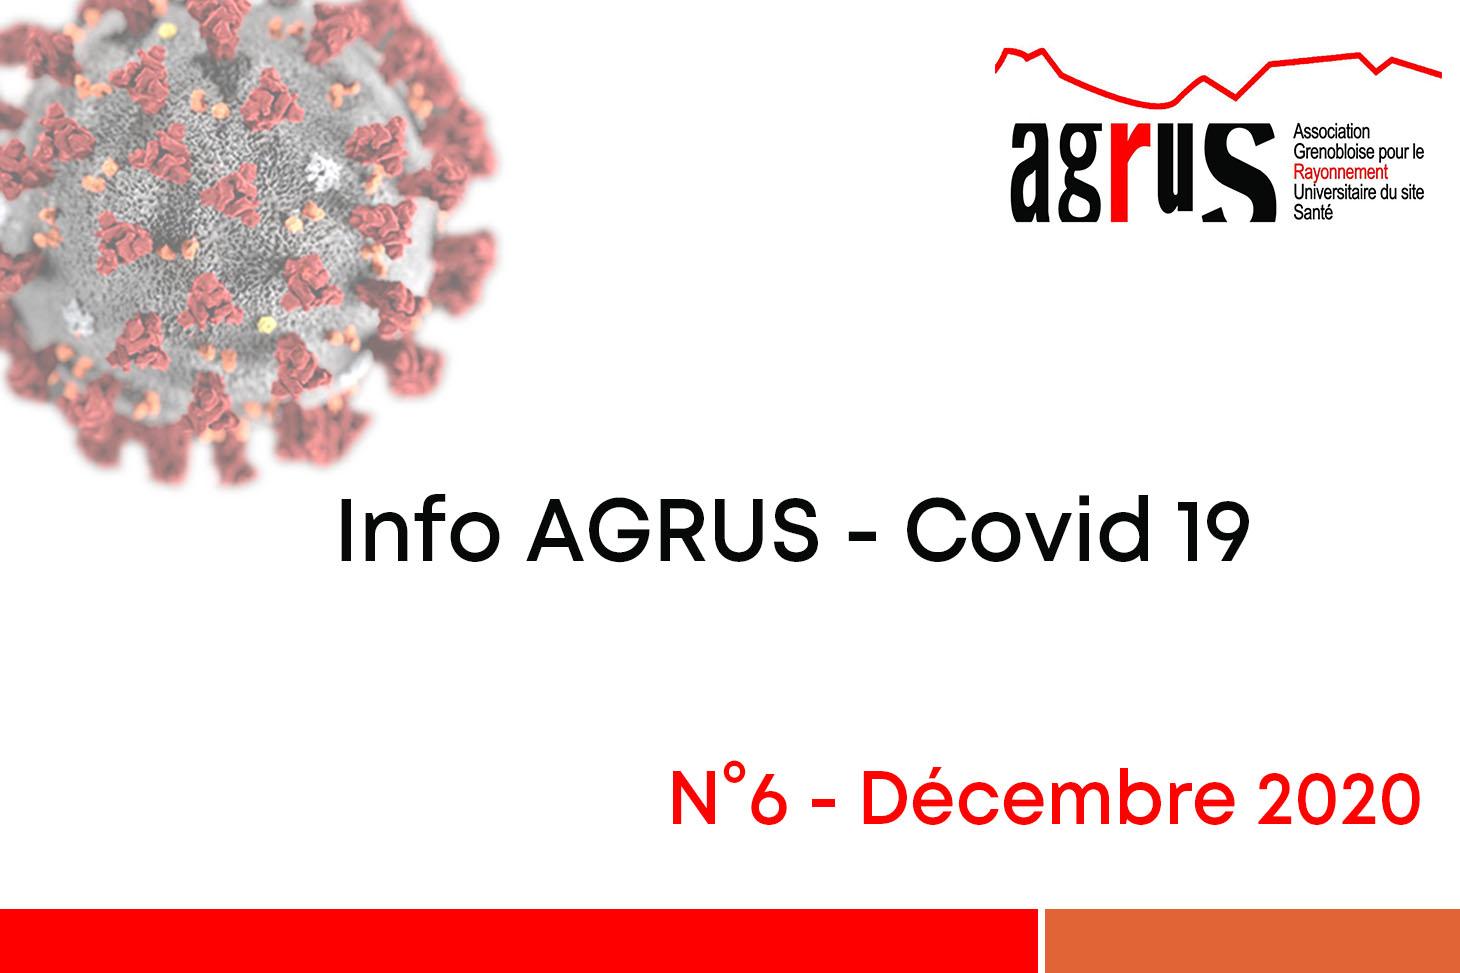 Info AGRUS - Covid19 - n°6